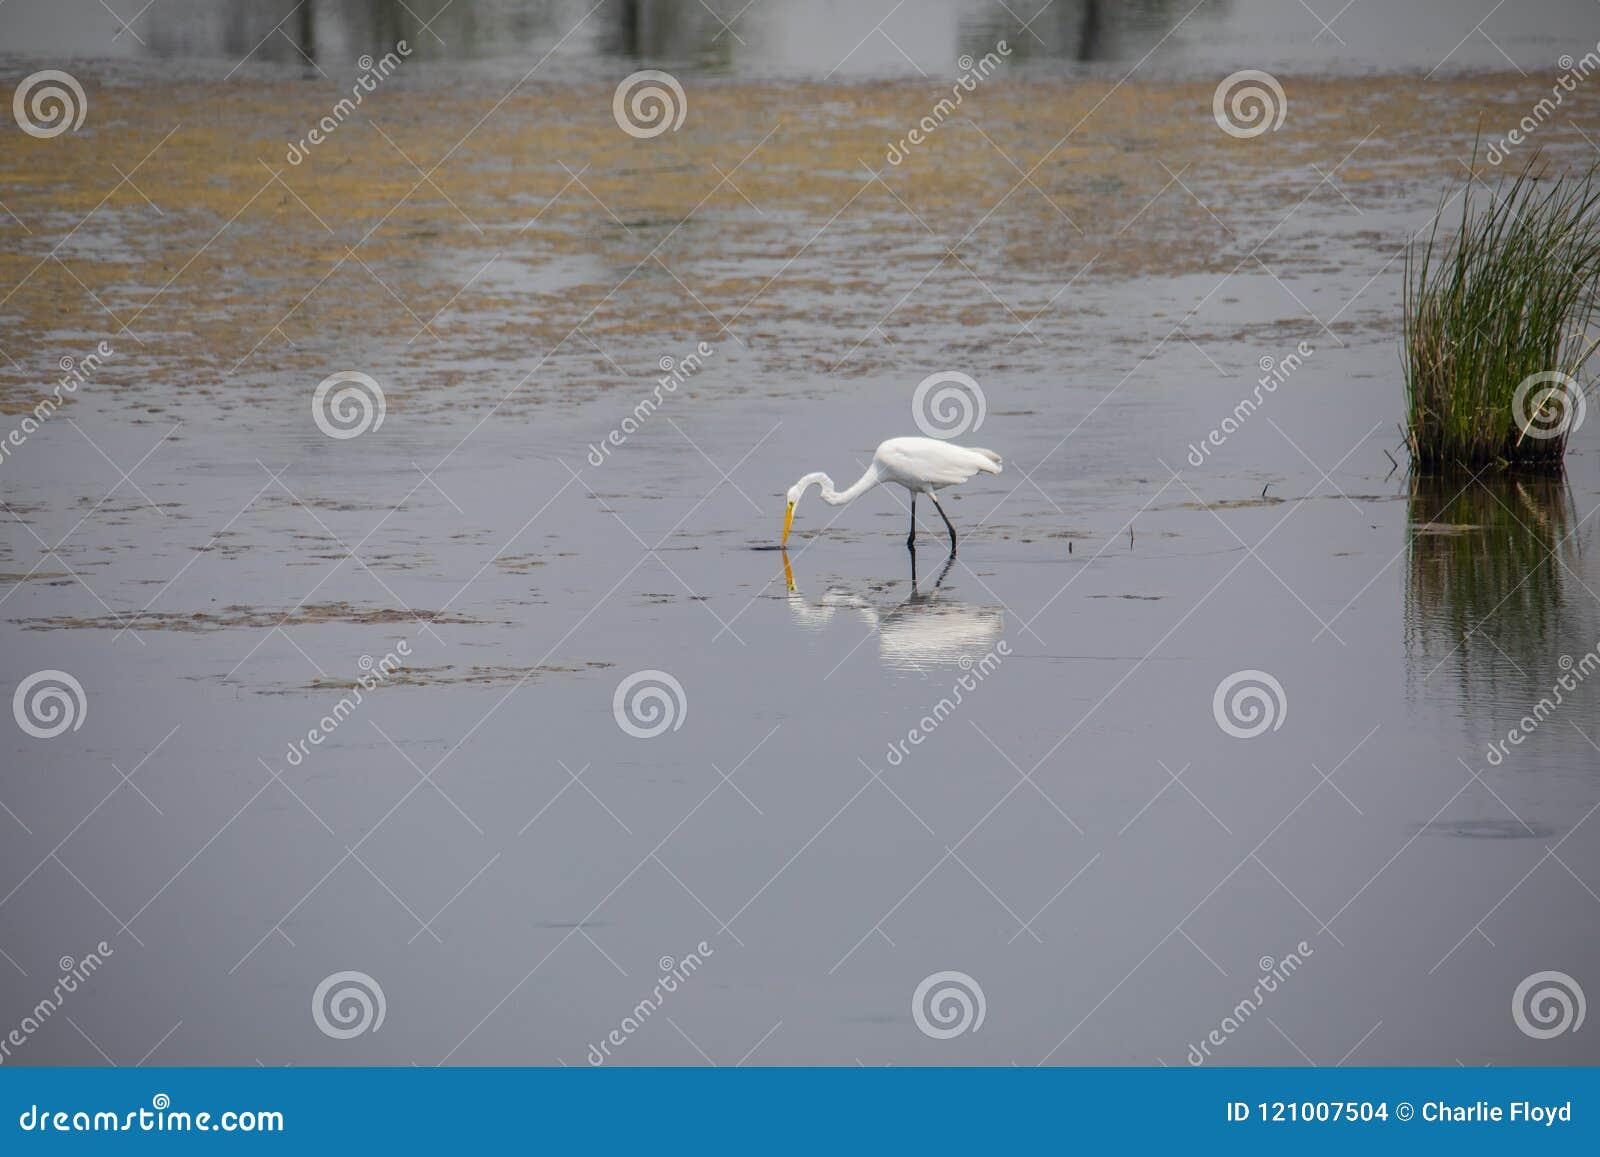 Wielki Egret karmienie w płytkiej wodzie